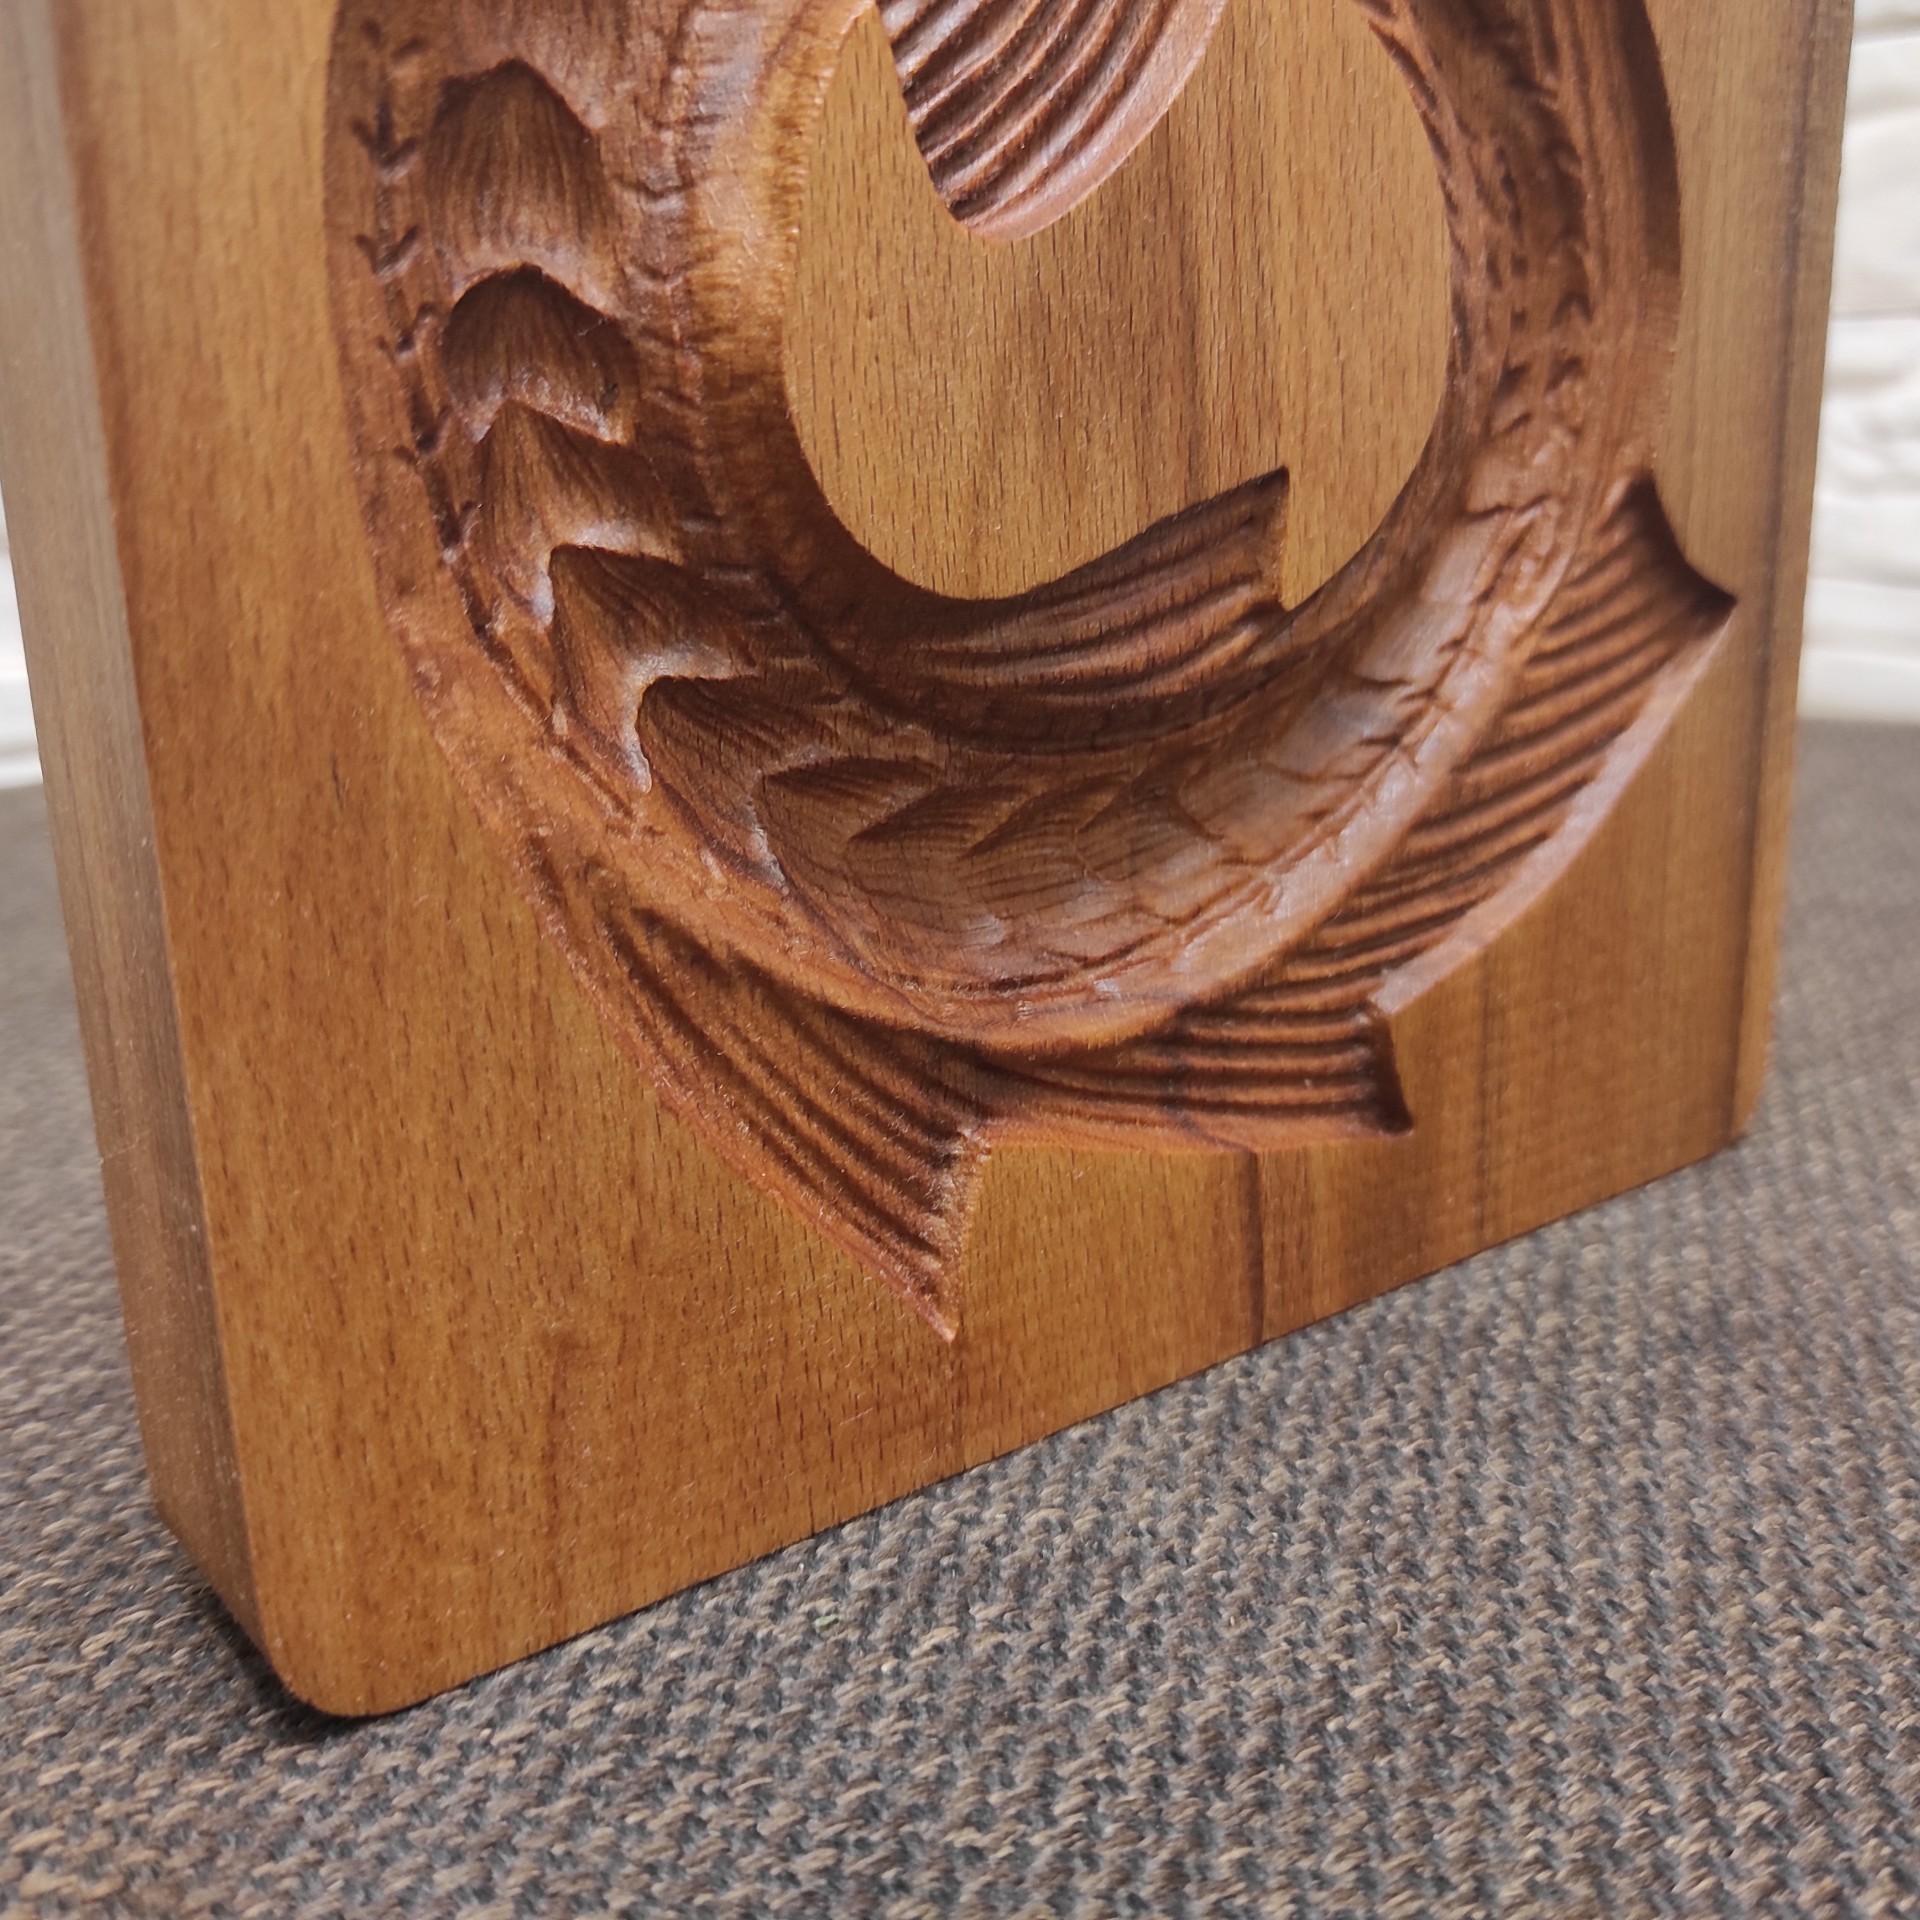 Изображение деревянной формы под пряник Стерлядь колесом детали нижней части доски